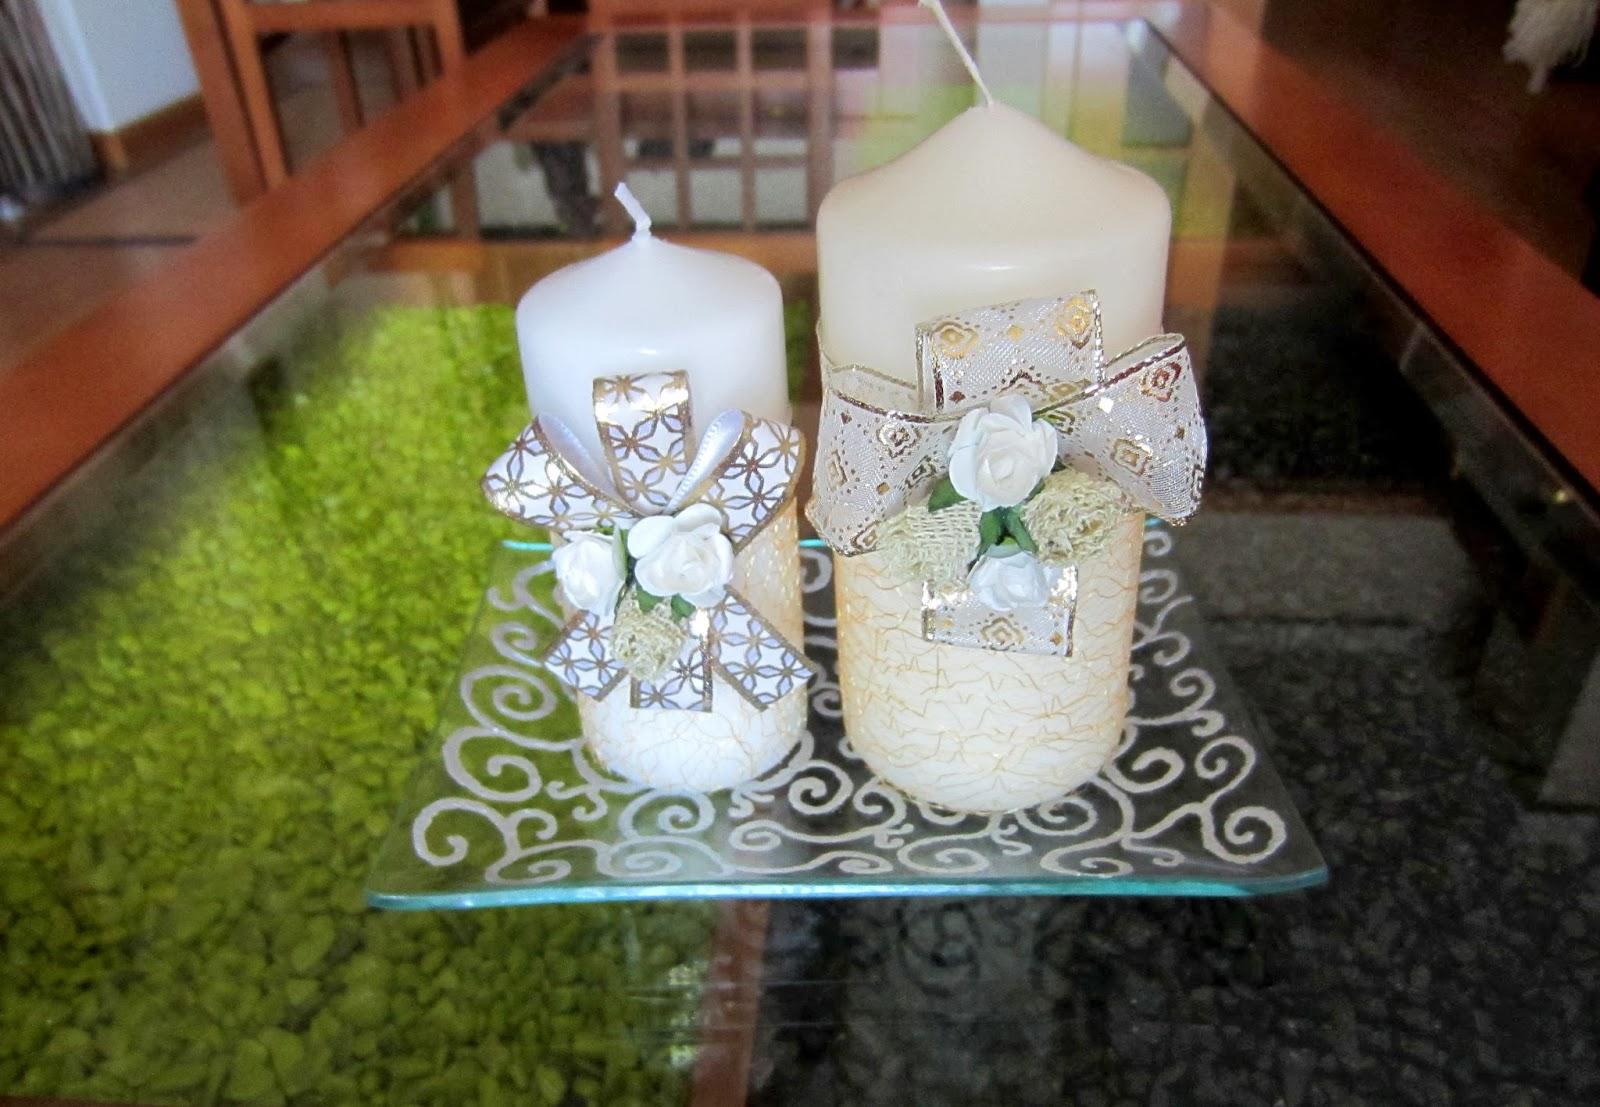 aqu tenis dos velas decoradas para estas navidades con flores de papel y lazos estn colocadas en una bandeja de cristal pintada con pintura plateada - Velas Decoradas